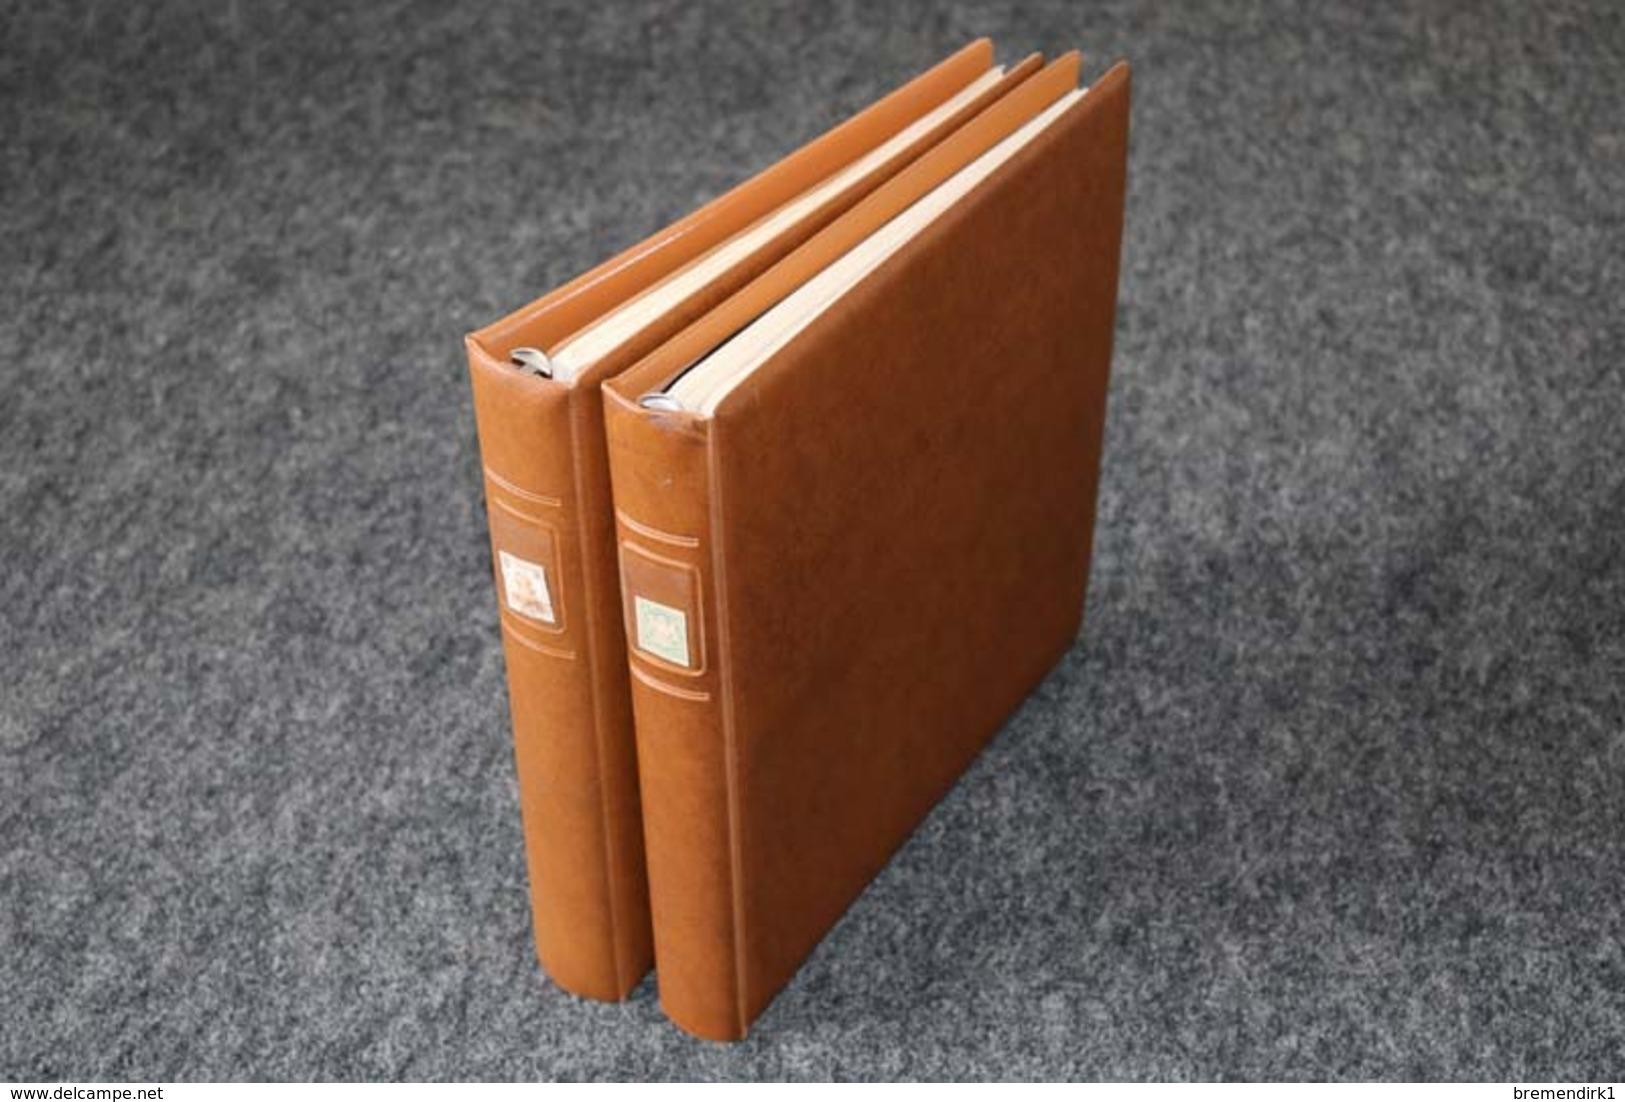 ALTDEUTSCHLAND (Bayern & Württemberg) - Sammlung In 2 Vordruckalben, 63 Bilder ....202 (G) - Lots & Kiloware (min. 1000 Stück)